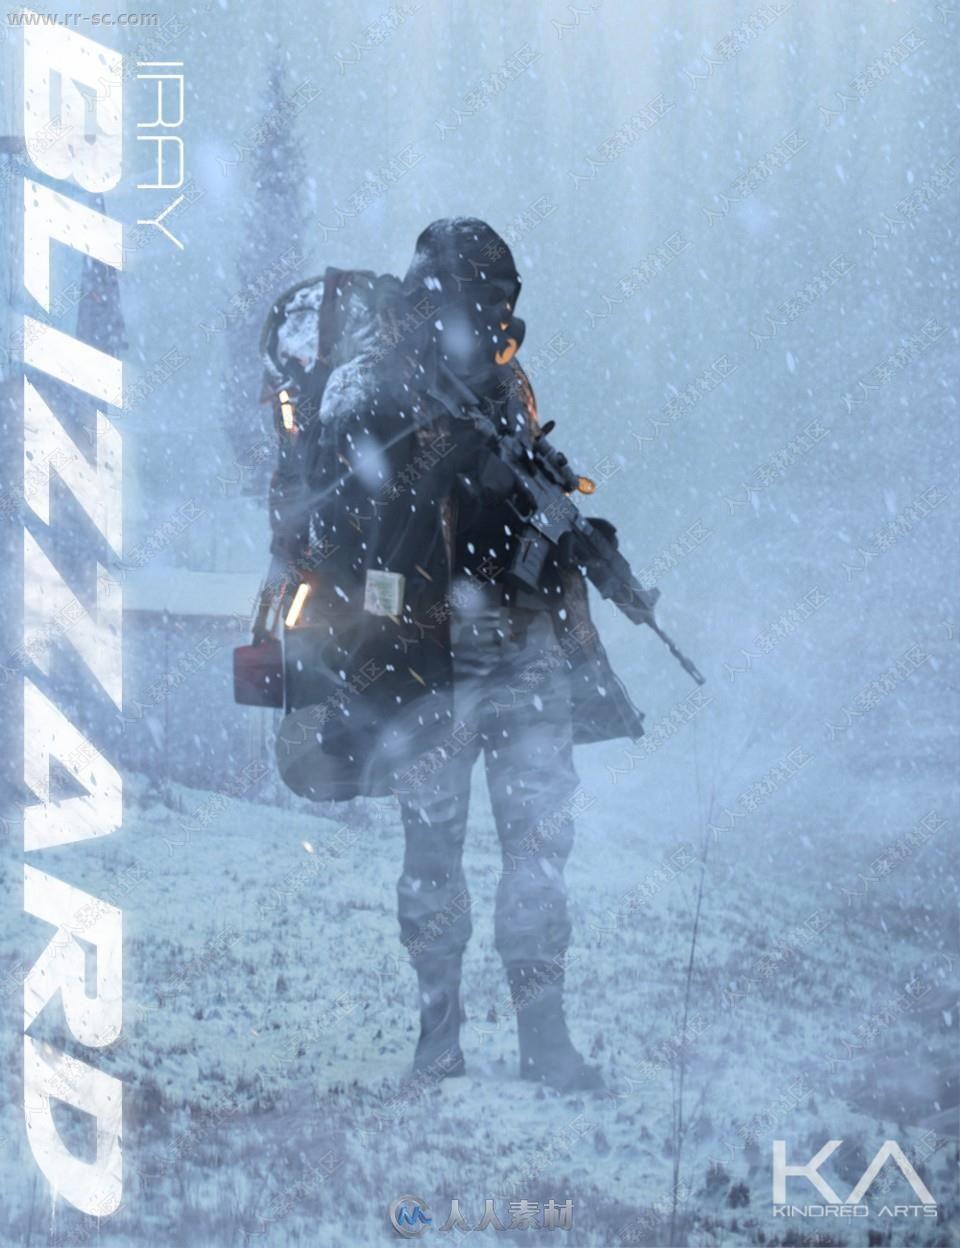 大雪天气场景环境漫反射阴影渲染3D模型